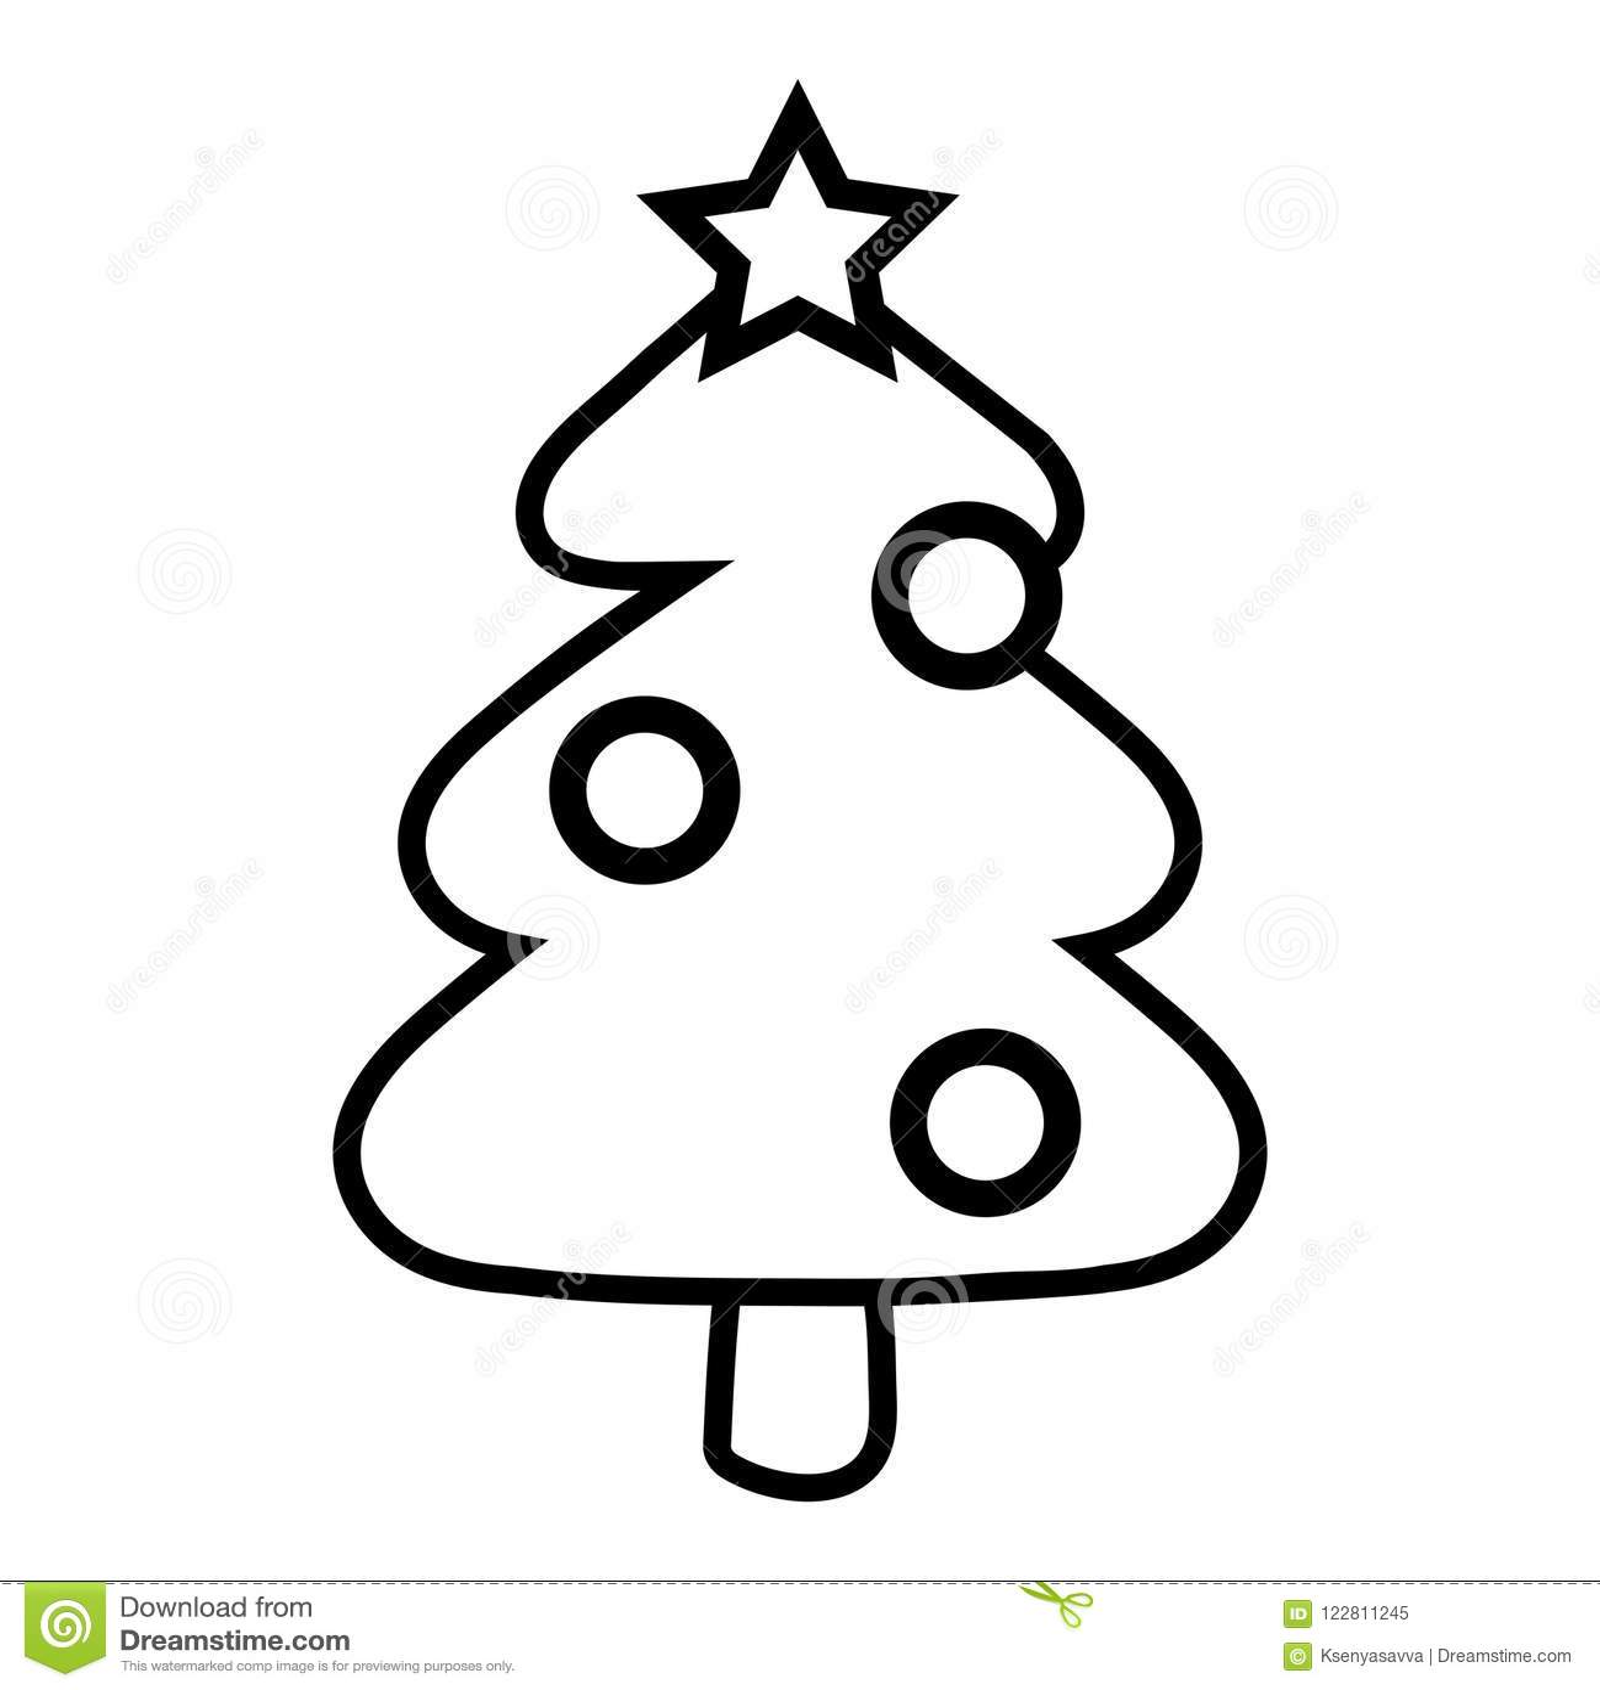 Albero Natale Da Colorare Per Bambini.Libro Da Colorare Albero Di Natale Illustrazione Vettoriale Illustrazione Di Isolato Illustrazione 122811245